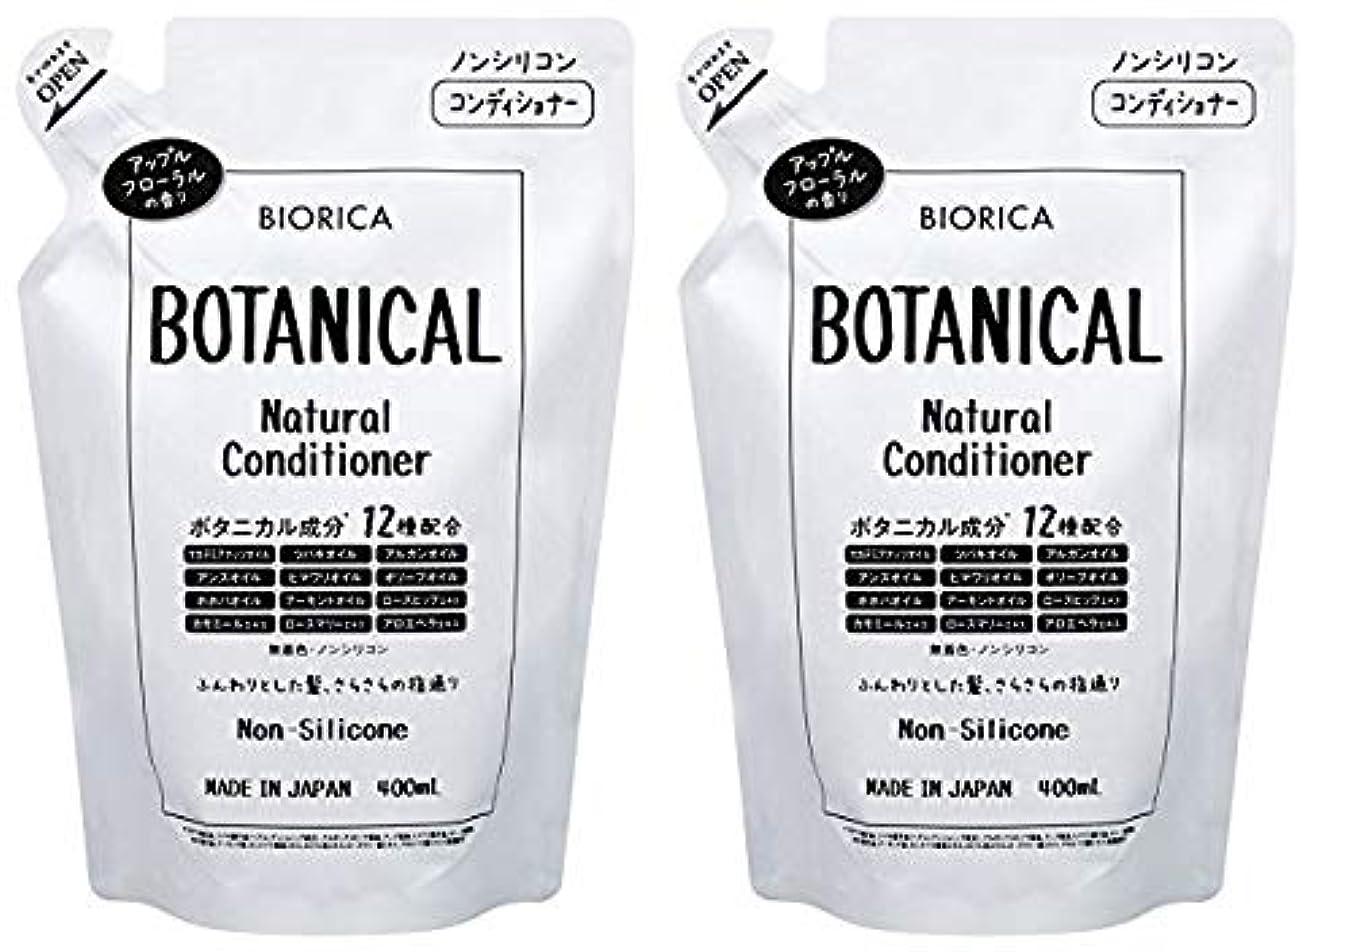 脚本家植物学者ボルト【2個セット】BIORICA ビオリカ ボタニカル ノンシリコン コンディショナー 詰め替え アップルフローラルの香り 400ml 日本製